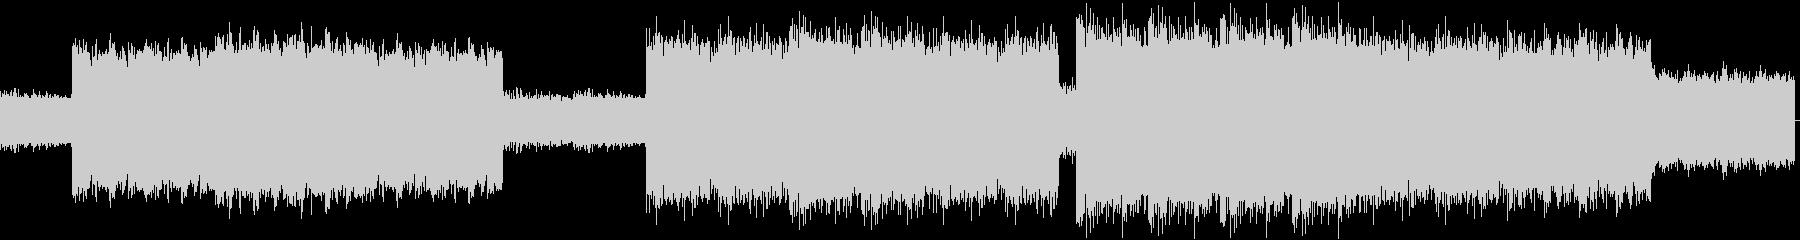 速くスパルタなロッテルダムテクノの未再生の波形